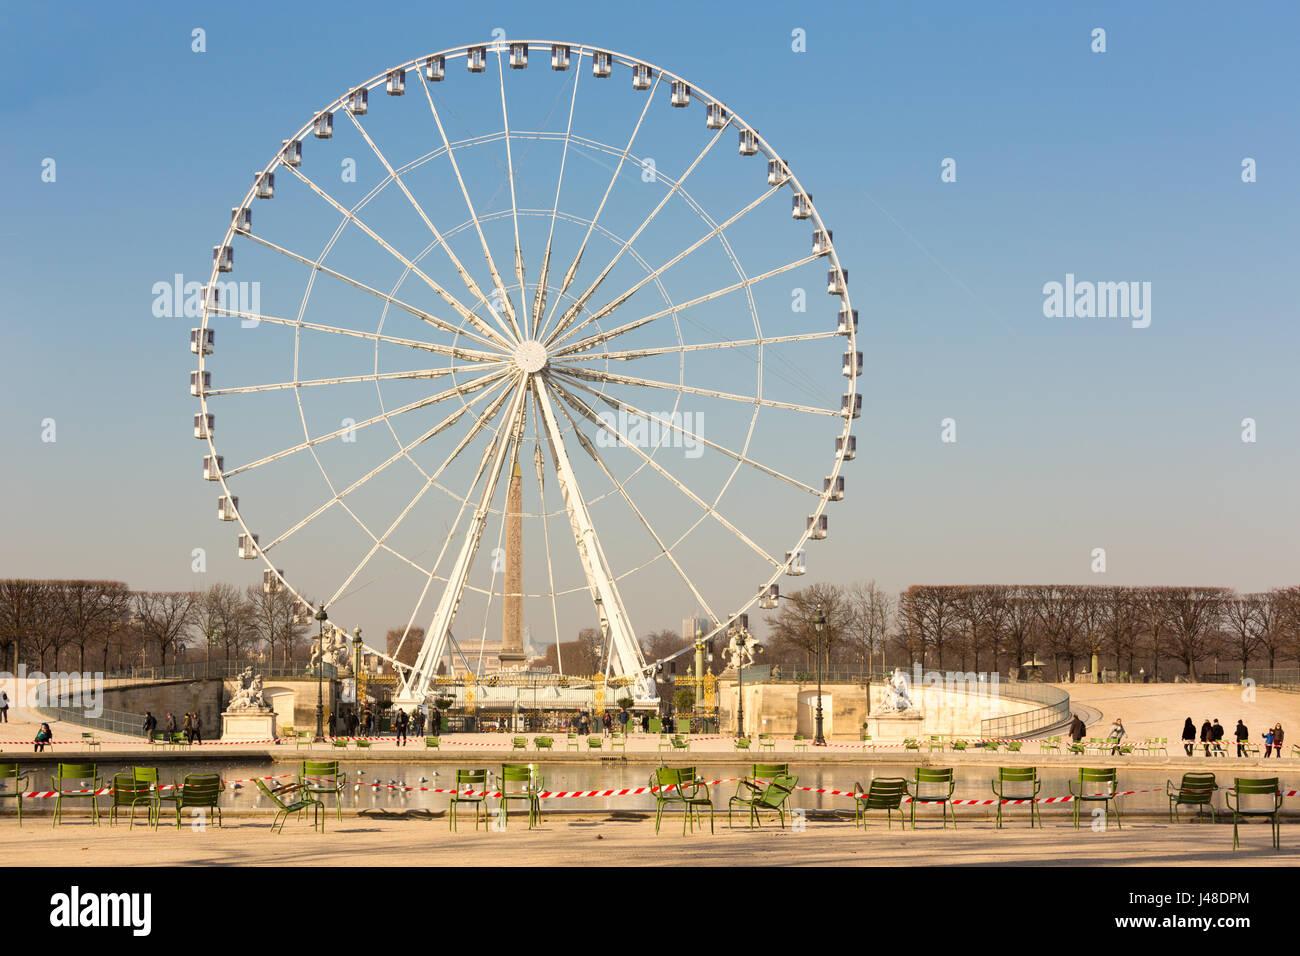 Ferris Wheel in Concorde Square ( Place de la Concorde ) view from Tuieres Garden - Stock Image